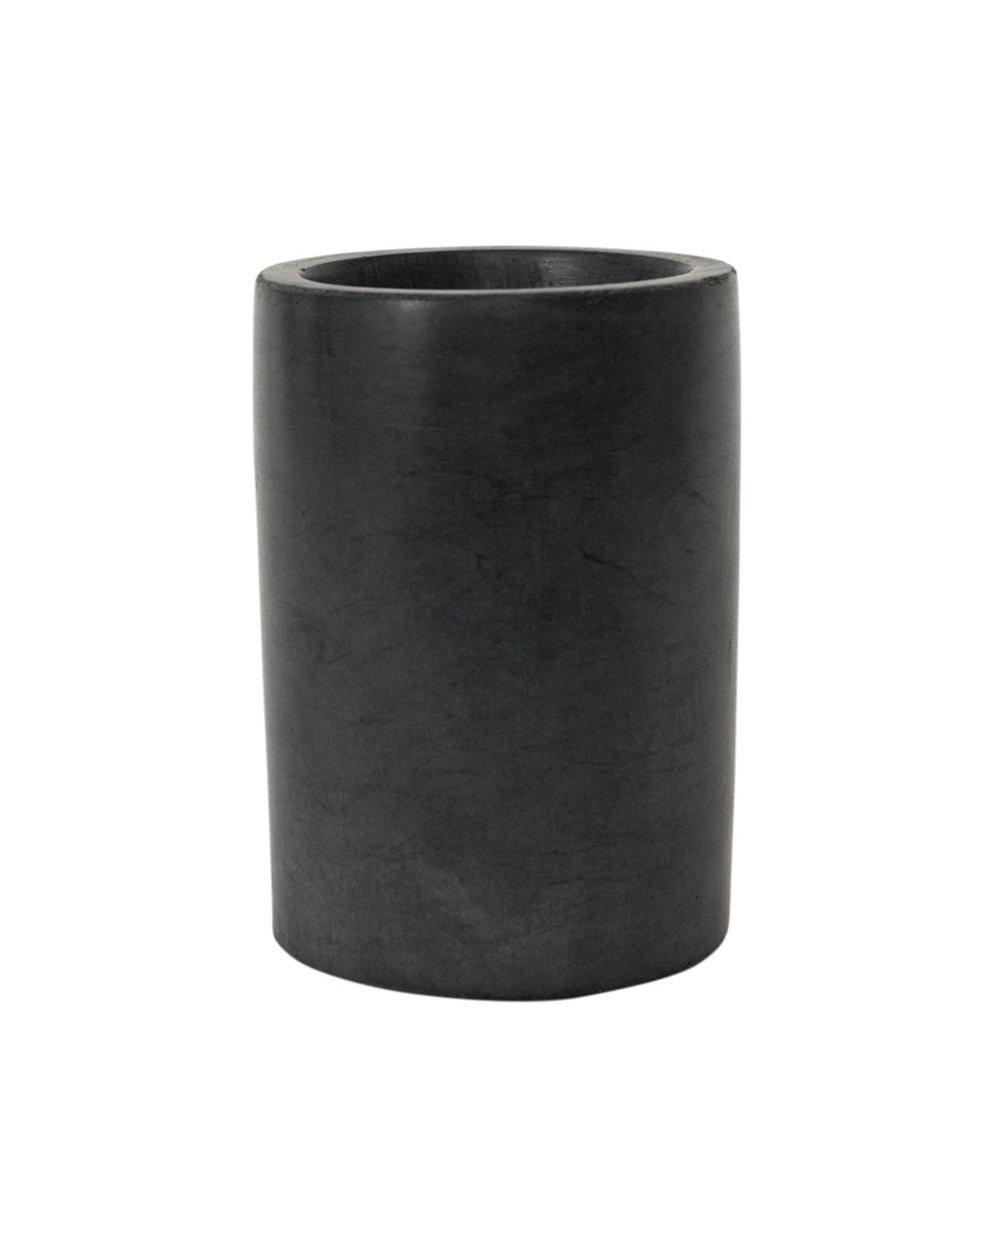 Concrete_Utensil_Holder.jpg